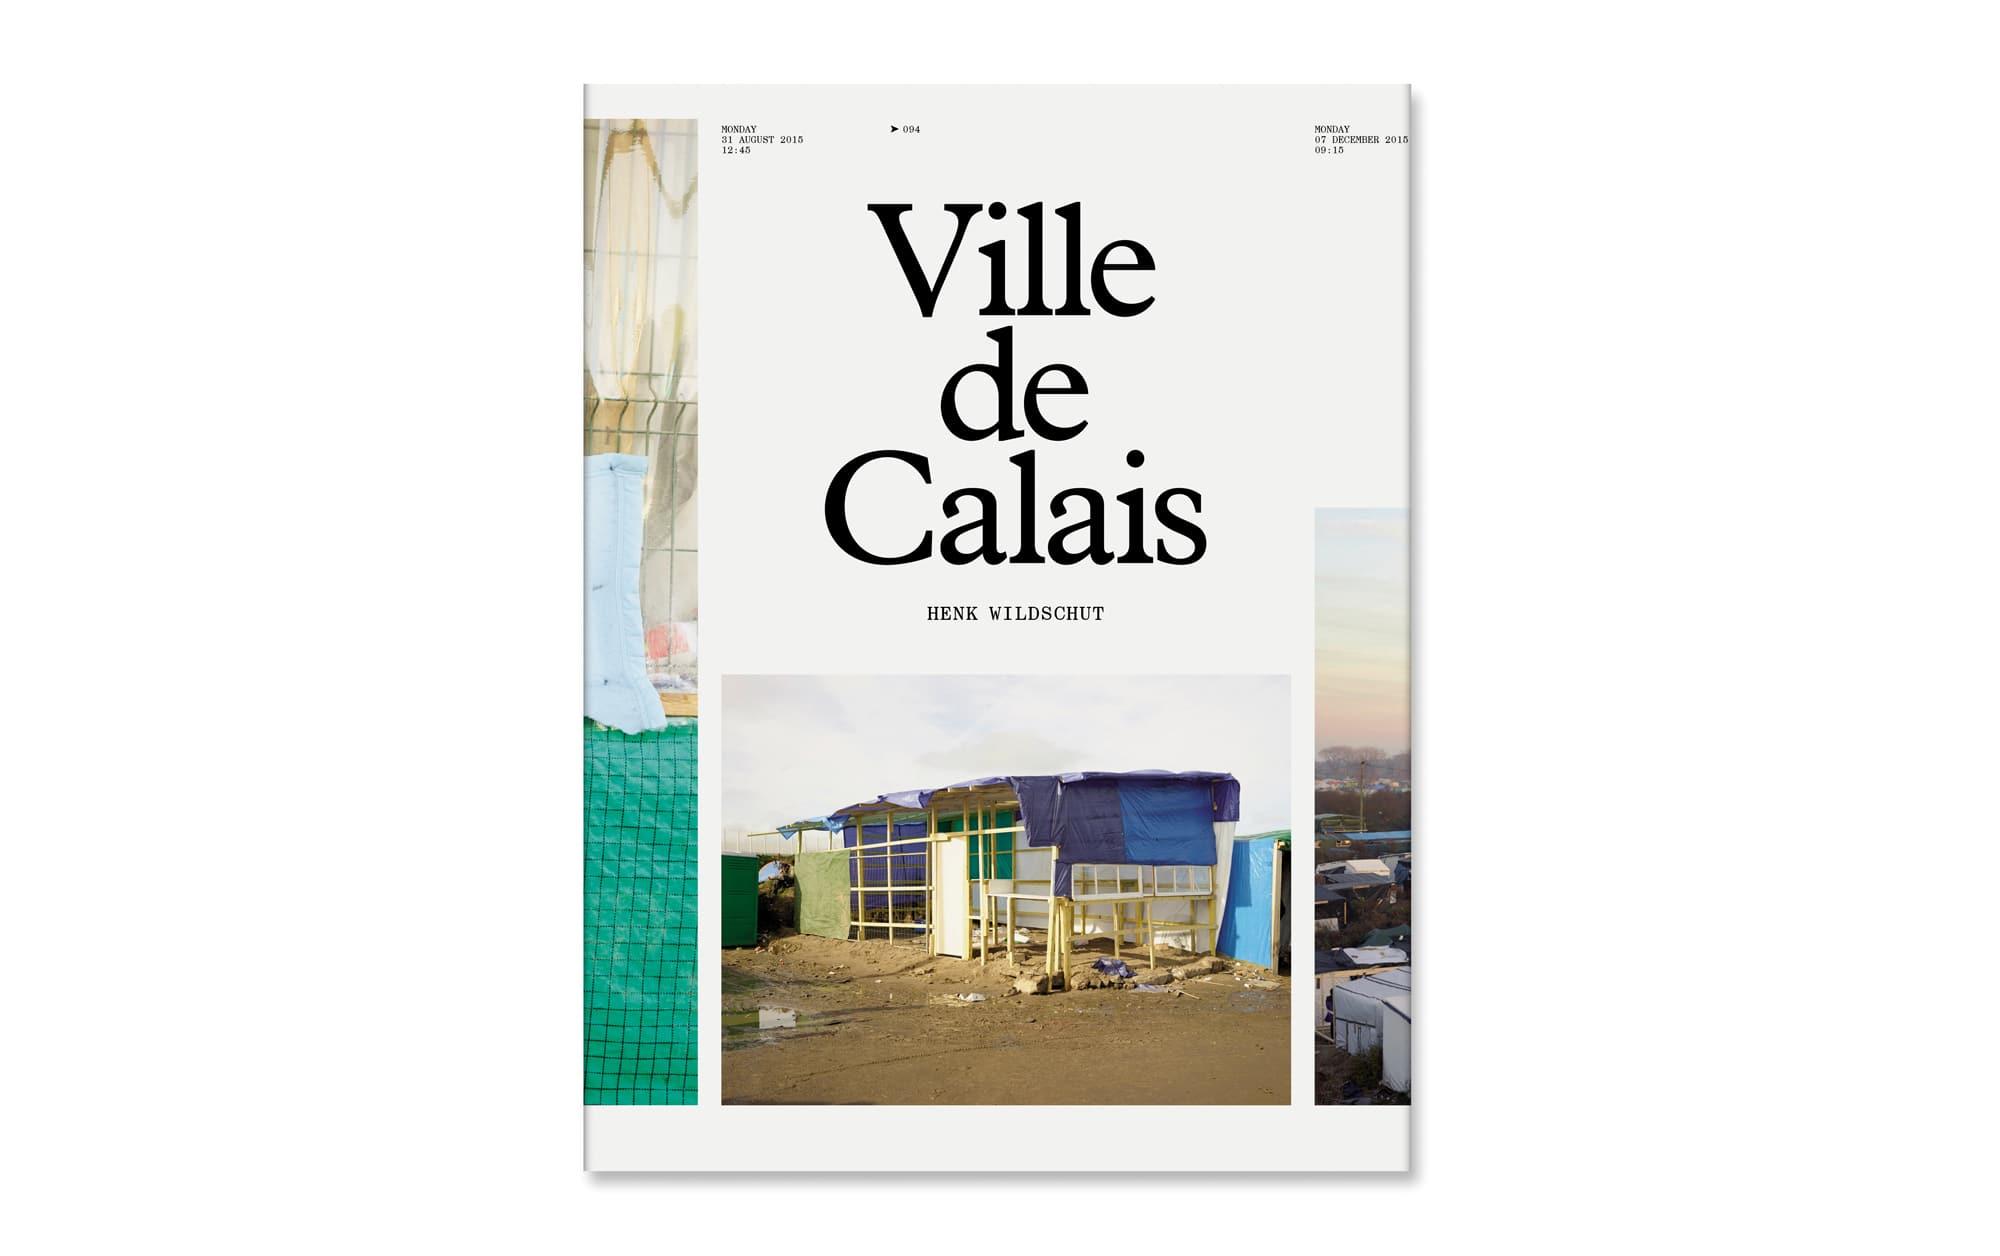 ブックレヴュー『Ville de Calais』ヘンク・ヴィルスフート | Ville de Calais